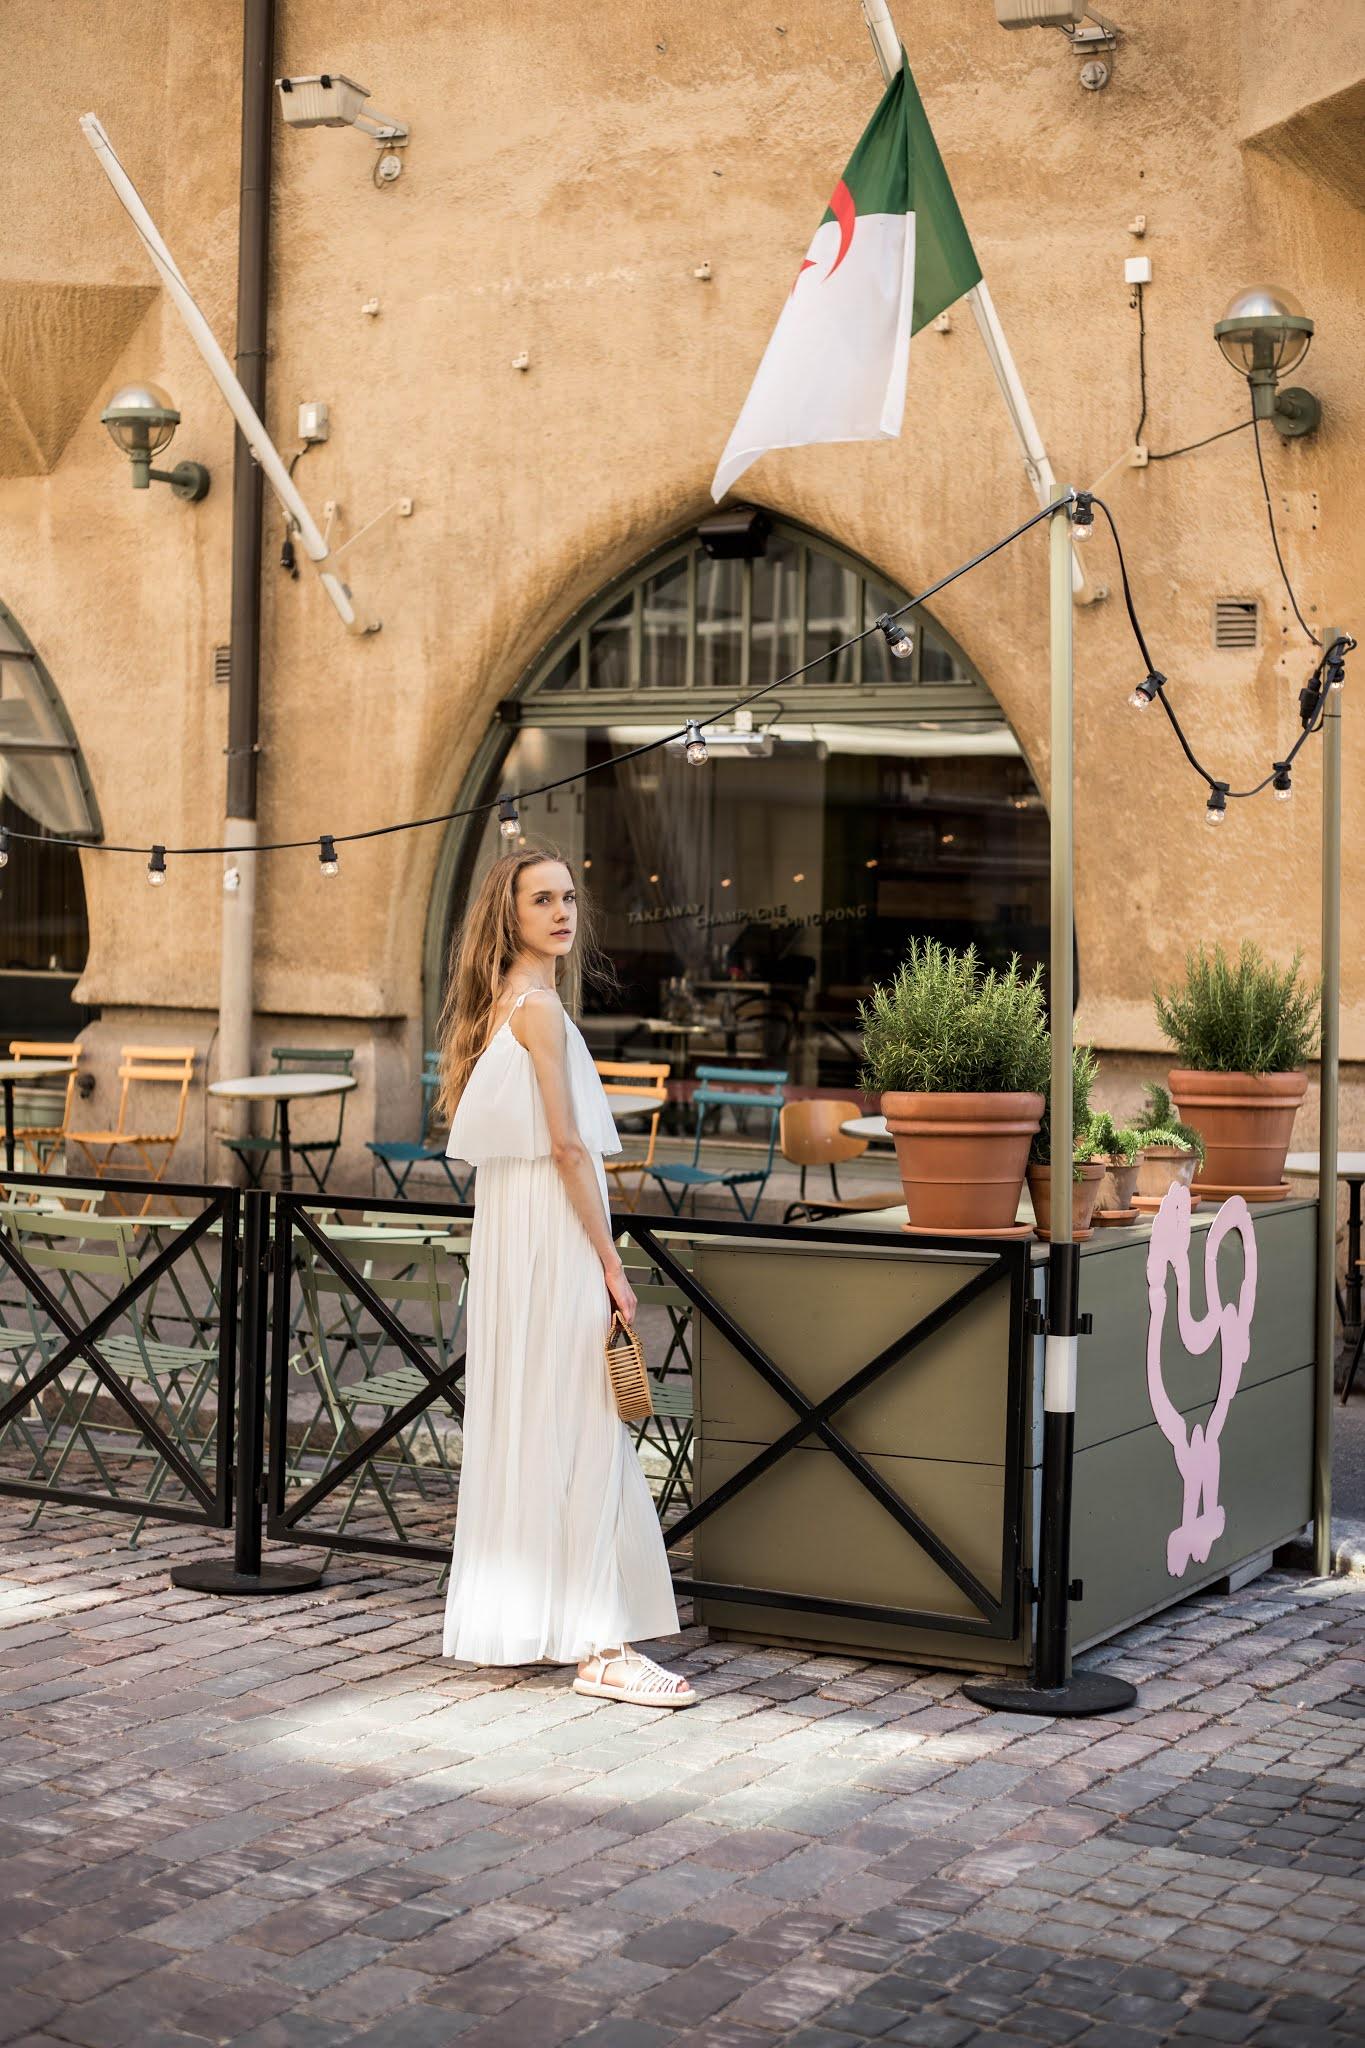 Inspiraatiota kesäpukeutumiseen: valkoinen maksimekko // Summer outfit inspiratio: white maxi dress